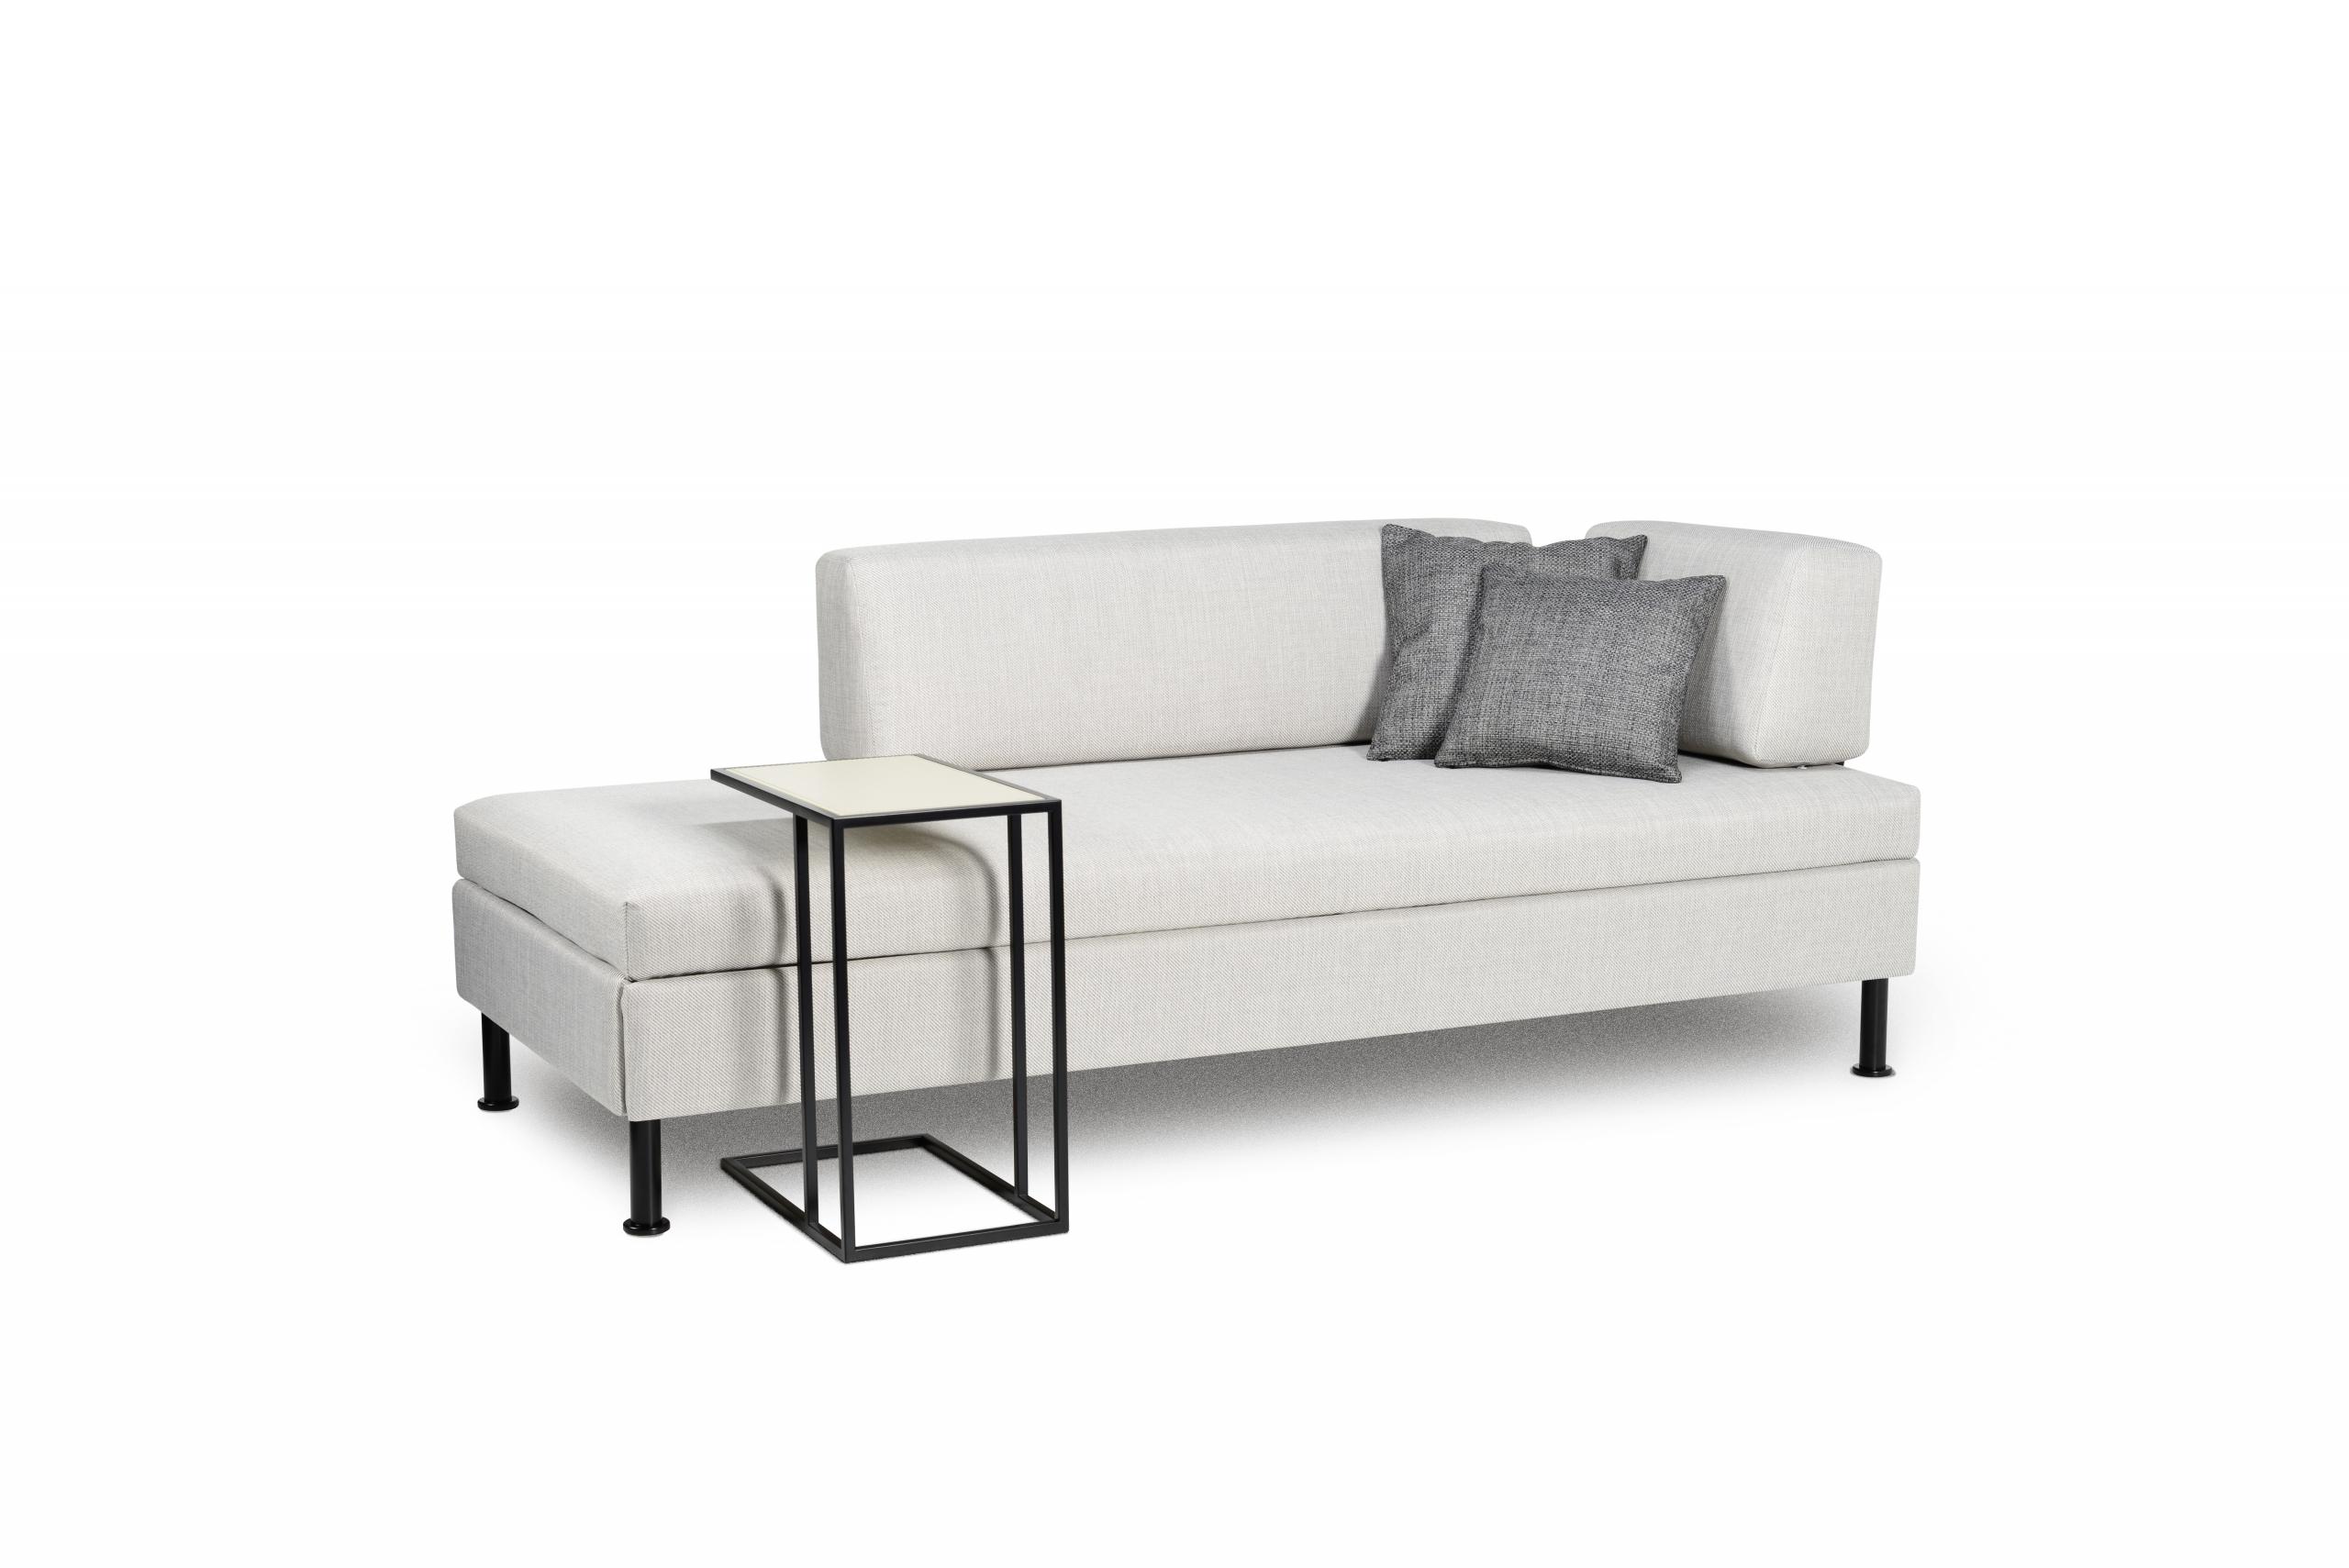 Das Bettsofa BED for LIVING Doppio in der Classic-Ausführung in weiss mit schwarzen Säulenfüssen und einem Clubtisch in schwarz.